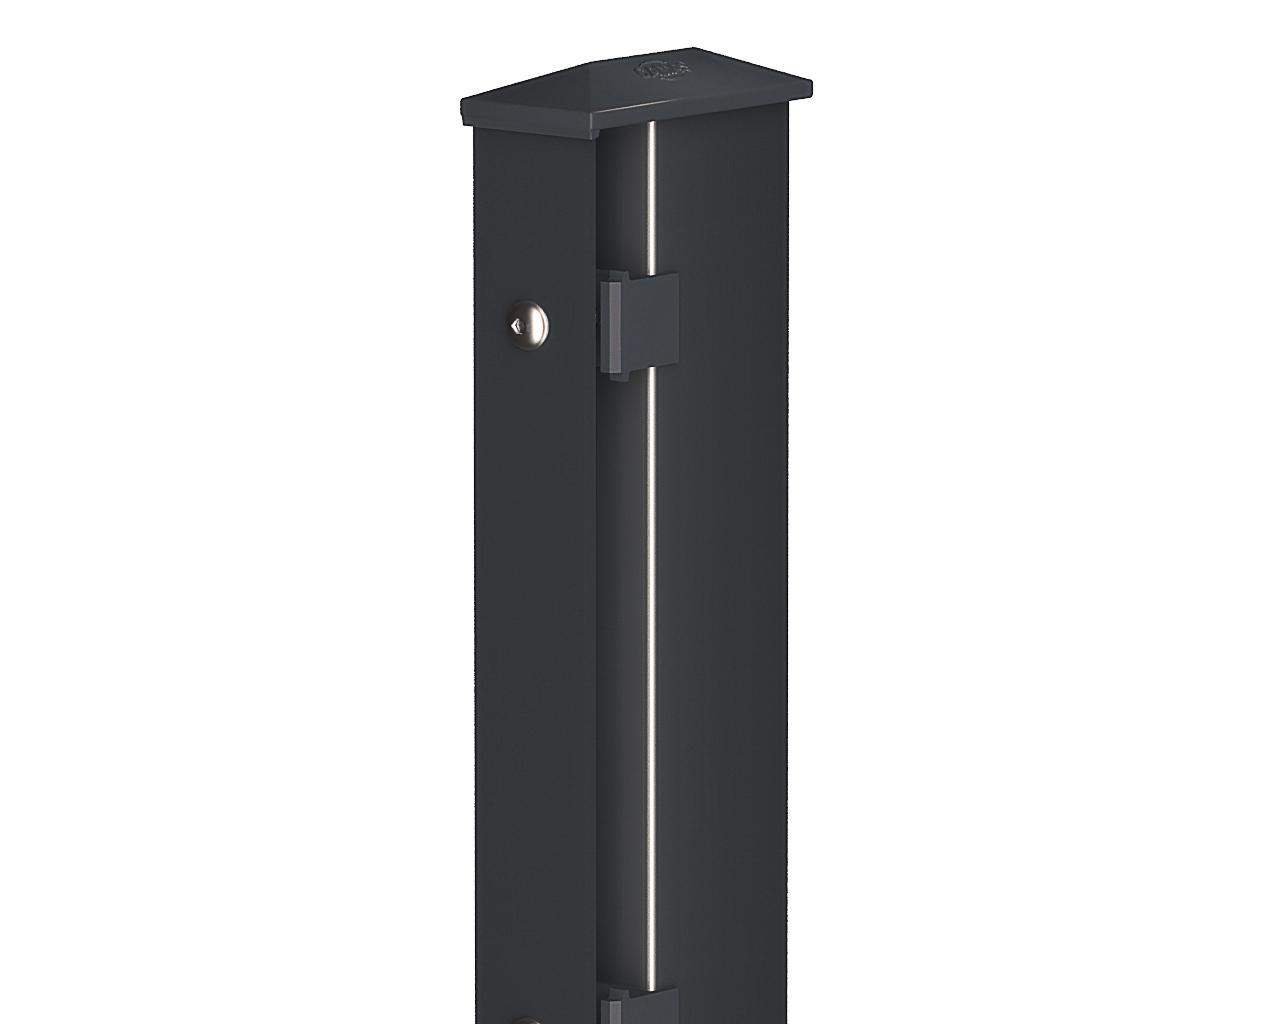 doppelstabmattenzaun set von camas wir liefern dein neuen gartenzaun frei haus ebay. Black Bedroom Furniture Sets. Home Design Ideas